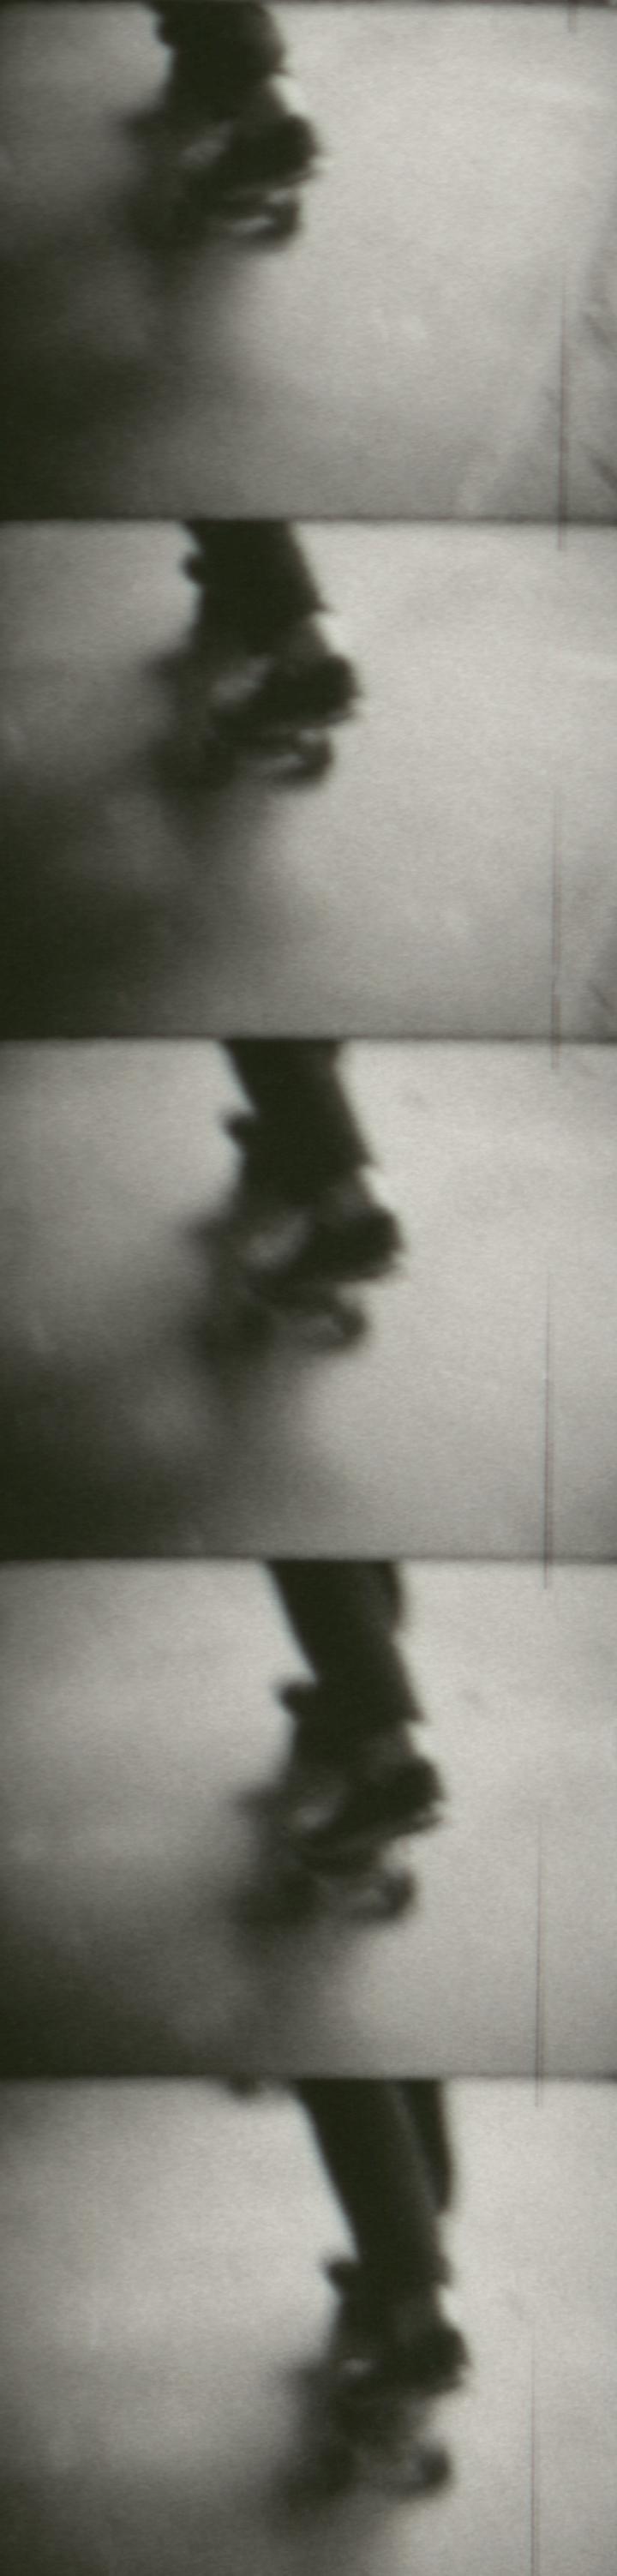 filmstill_05.jpg